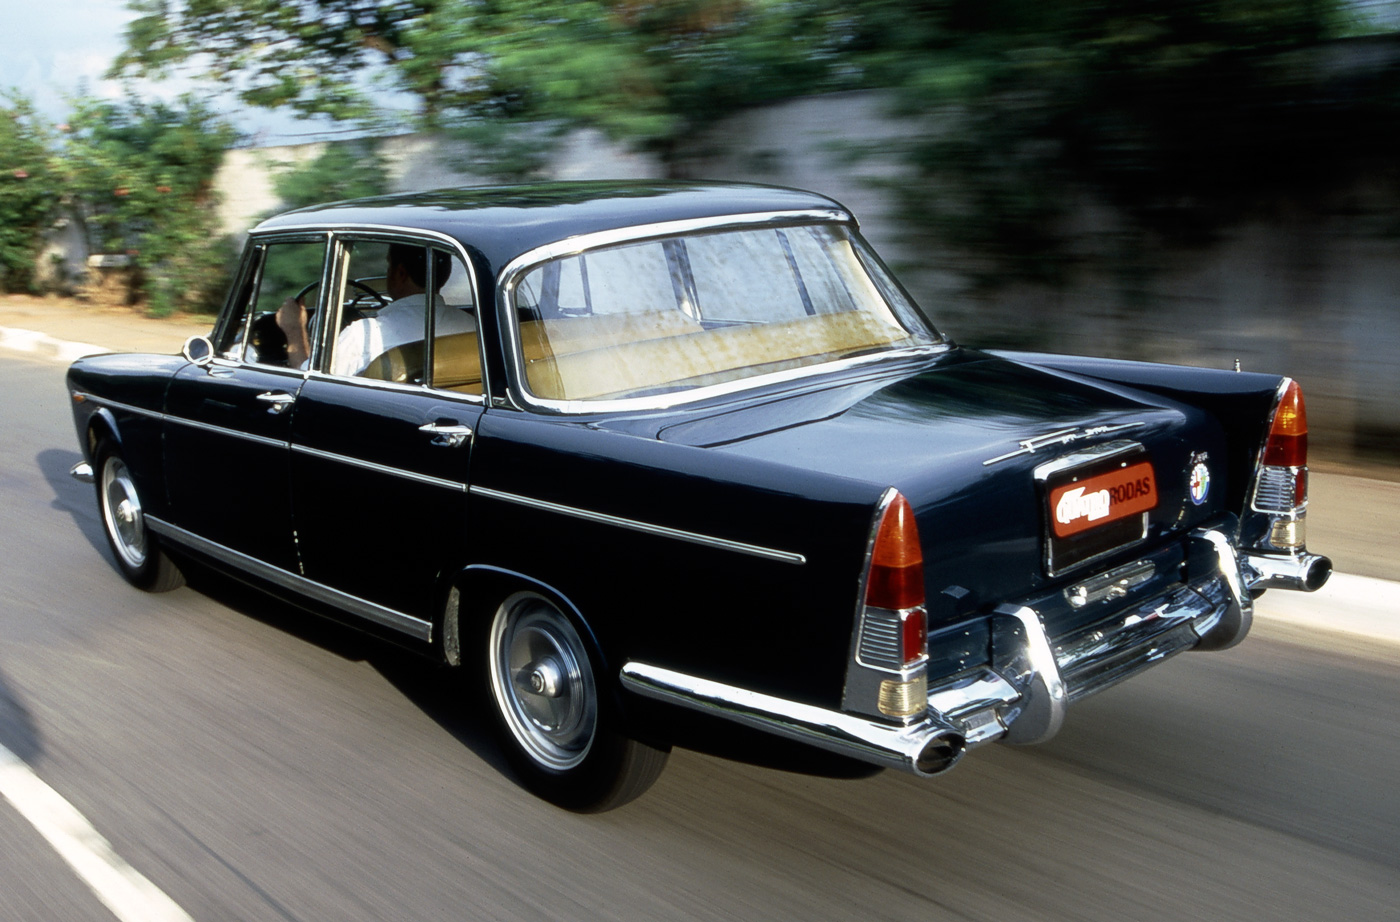 Automóvel FNM JK 2000, modelo 1968, produzido sob licença da Alfa Romeo, em homenagem ao presidente Juscelino Kubitschek.